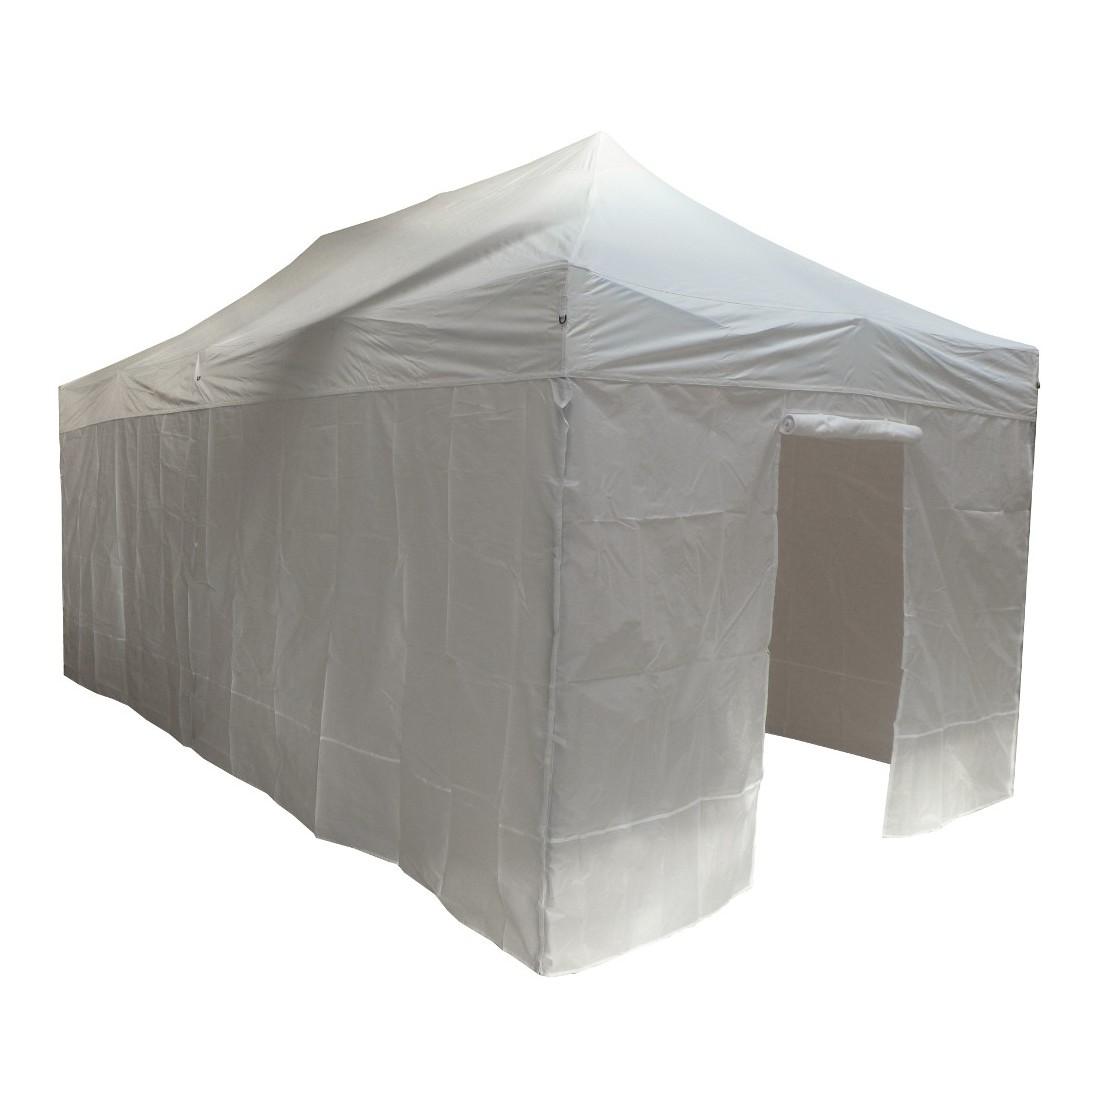 Tonnelle pliante 4x8m blanche acier semi pro avec ses 6 parois - Tonnelle de jardin pliante ...